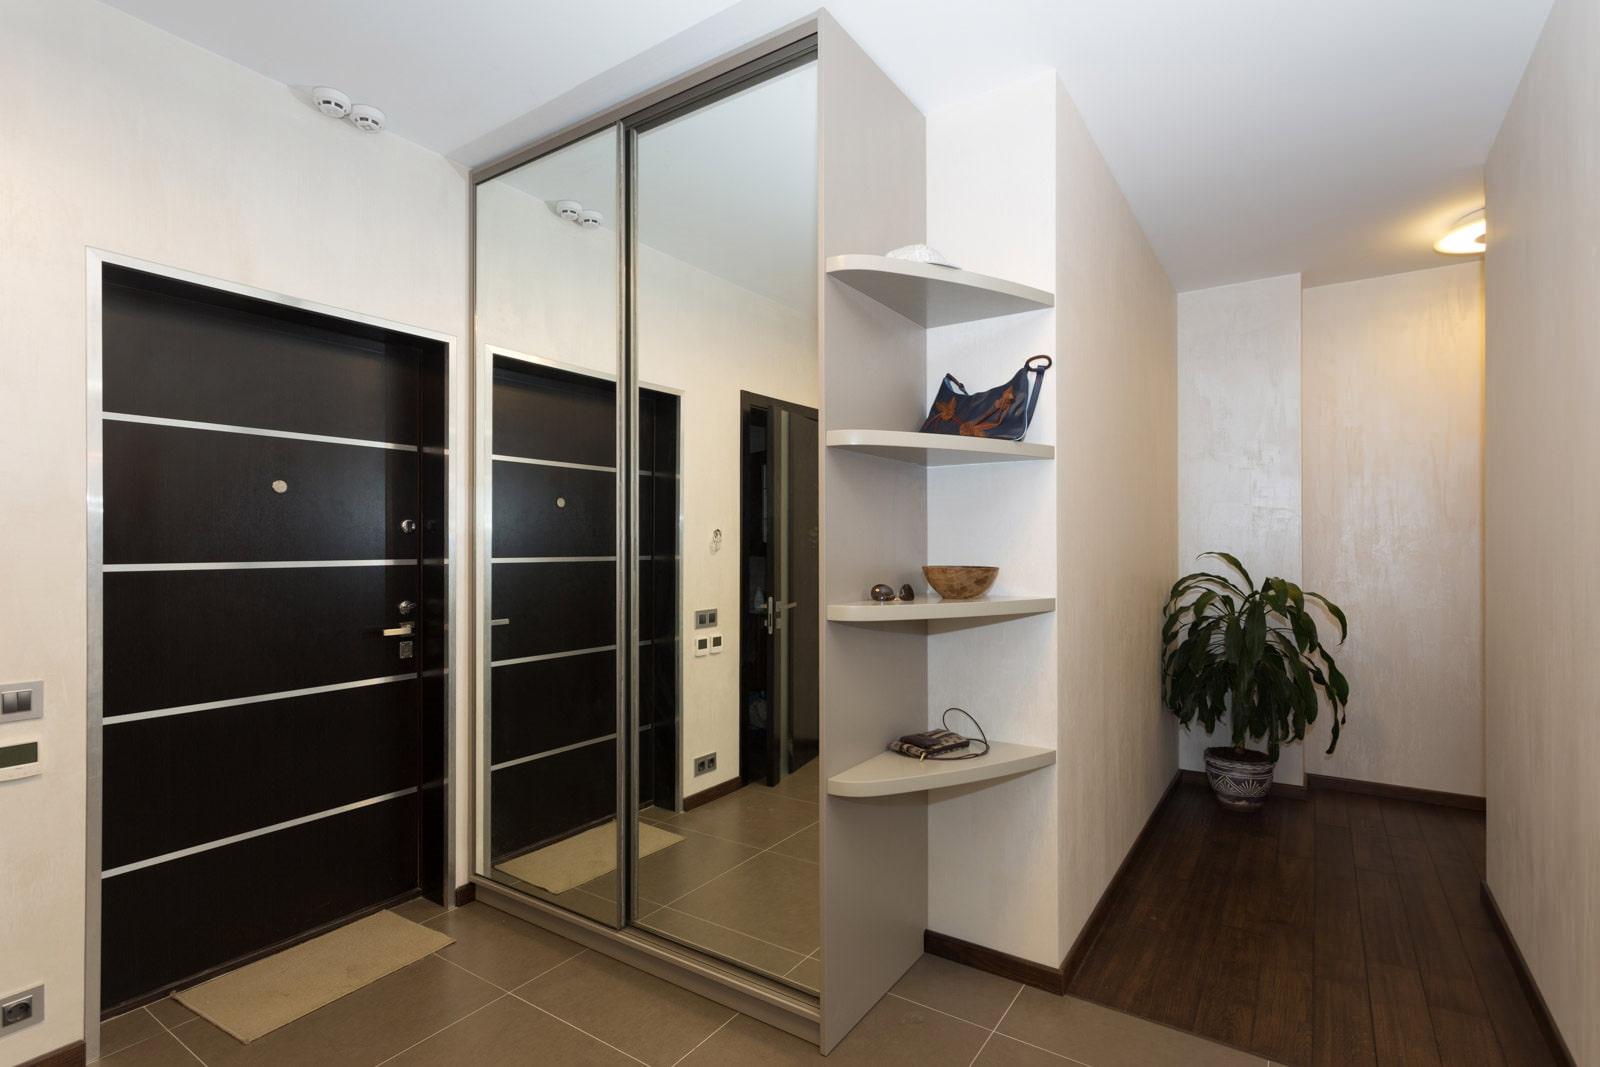 дизайн встроенной прихожей в квартире фото полукруглом